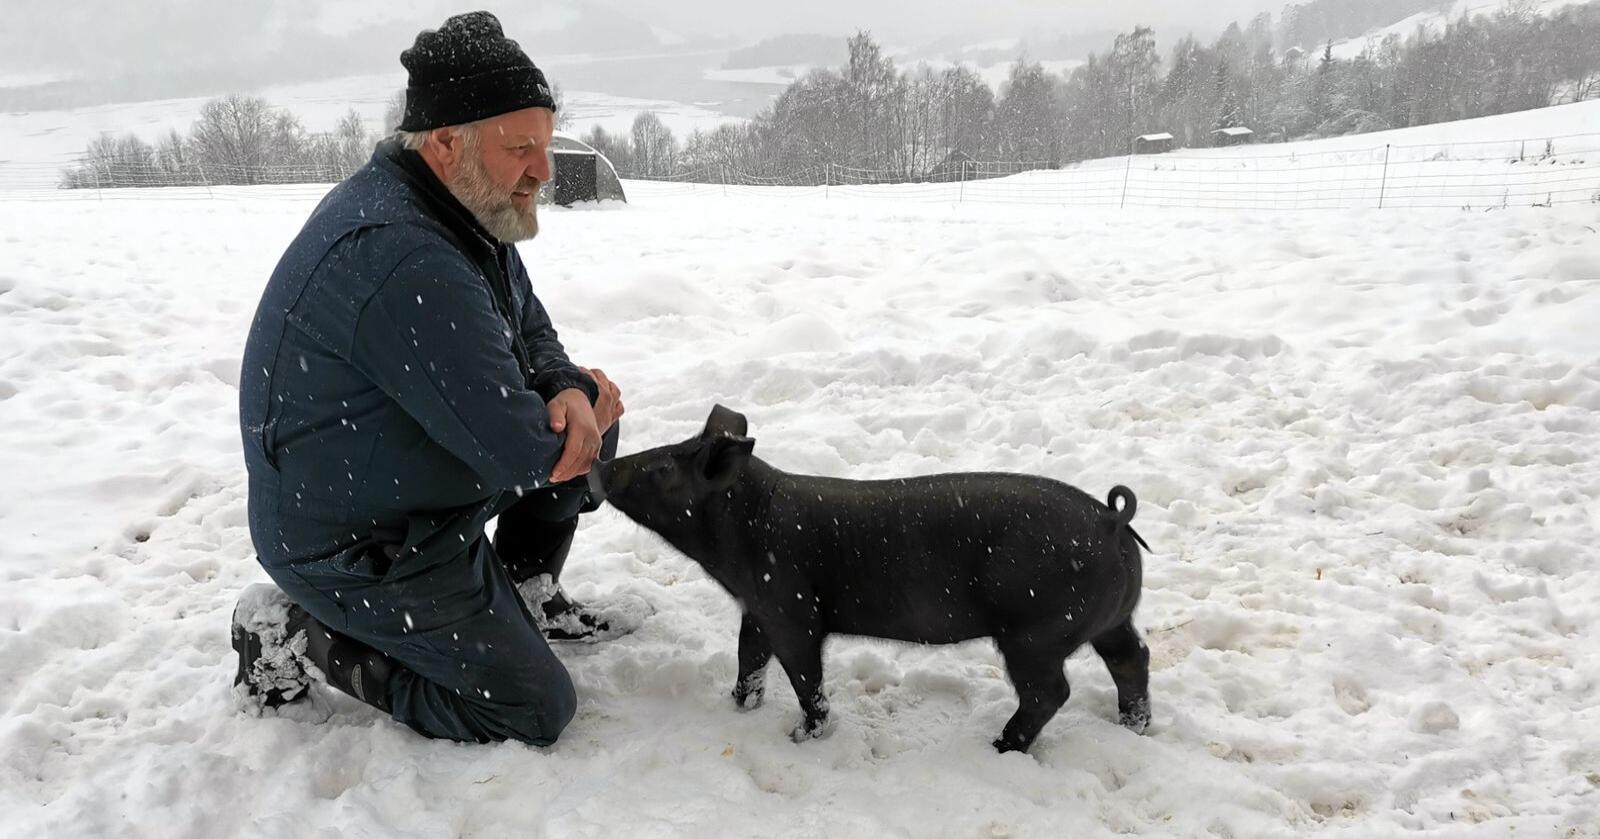 Ole Smidesang stilte sine griser til disposisjon i forsøket. Foto: Skåppå kunnskapspark